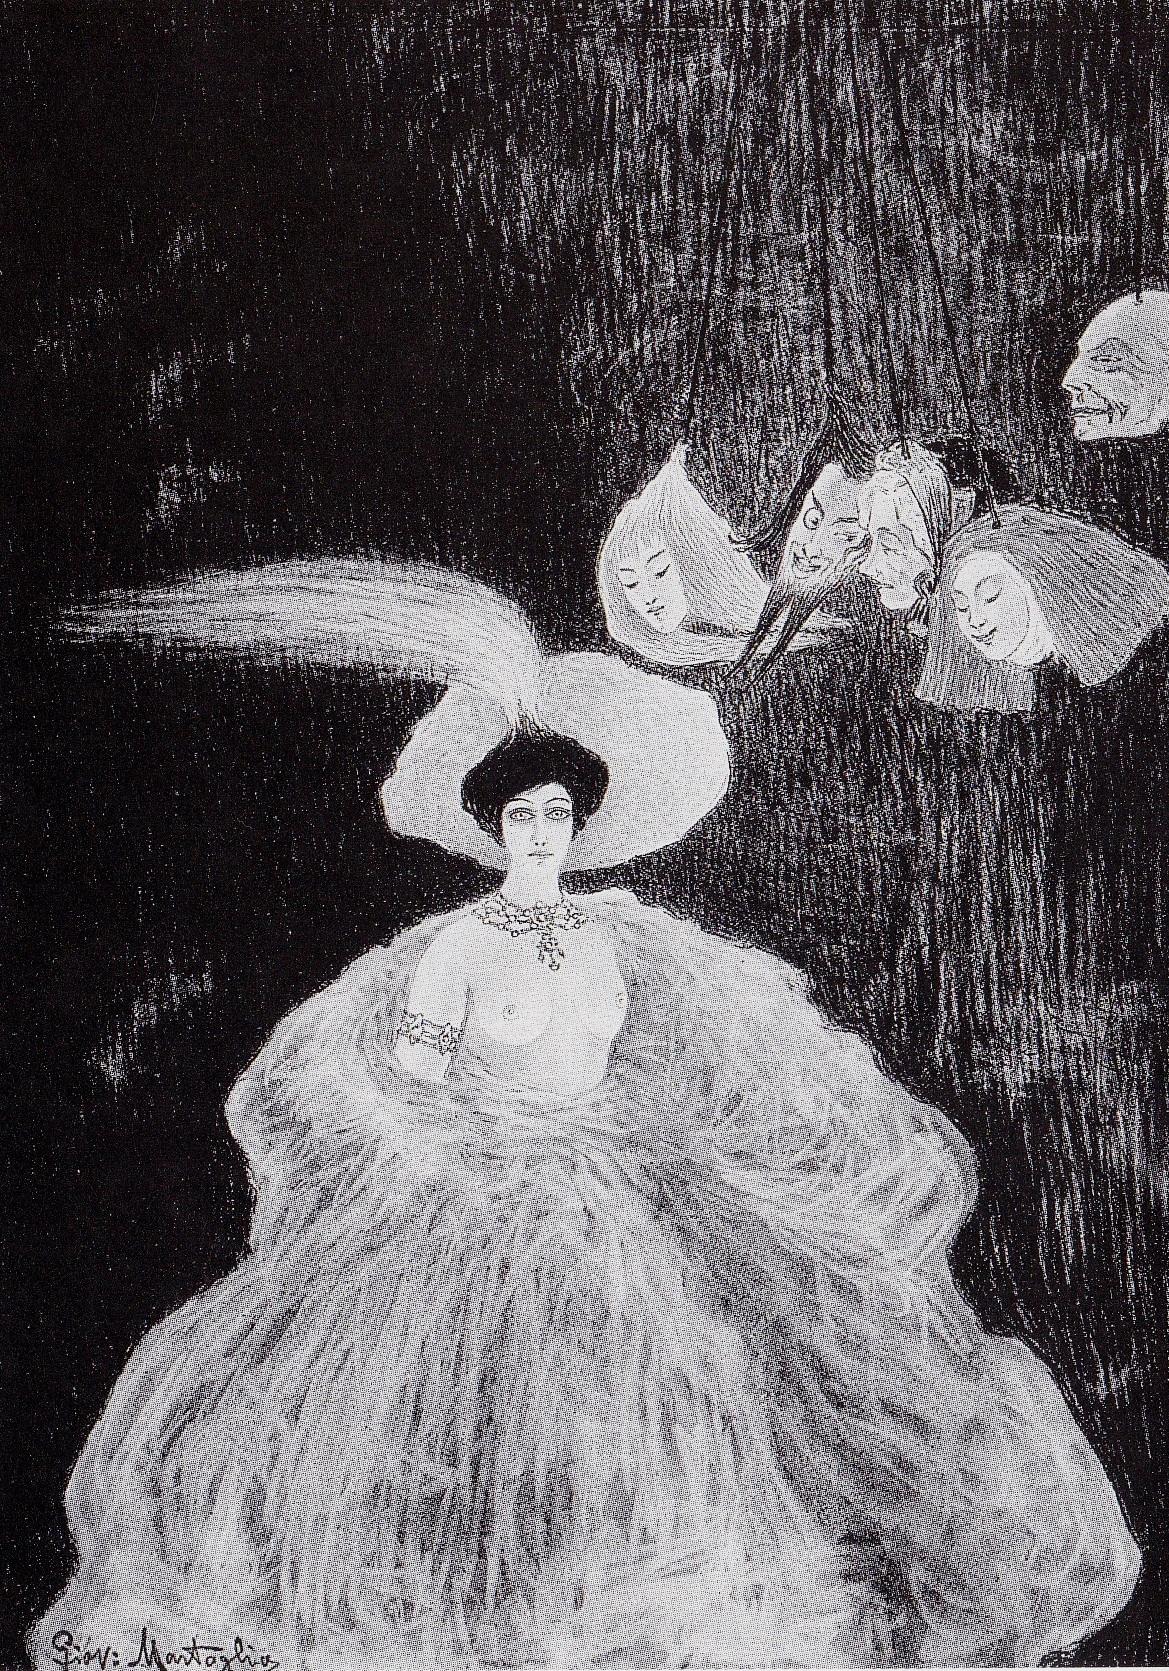 La Chimera al Teatro di Marionette, 1908. Carboncino e pastello